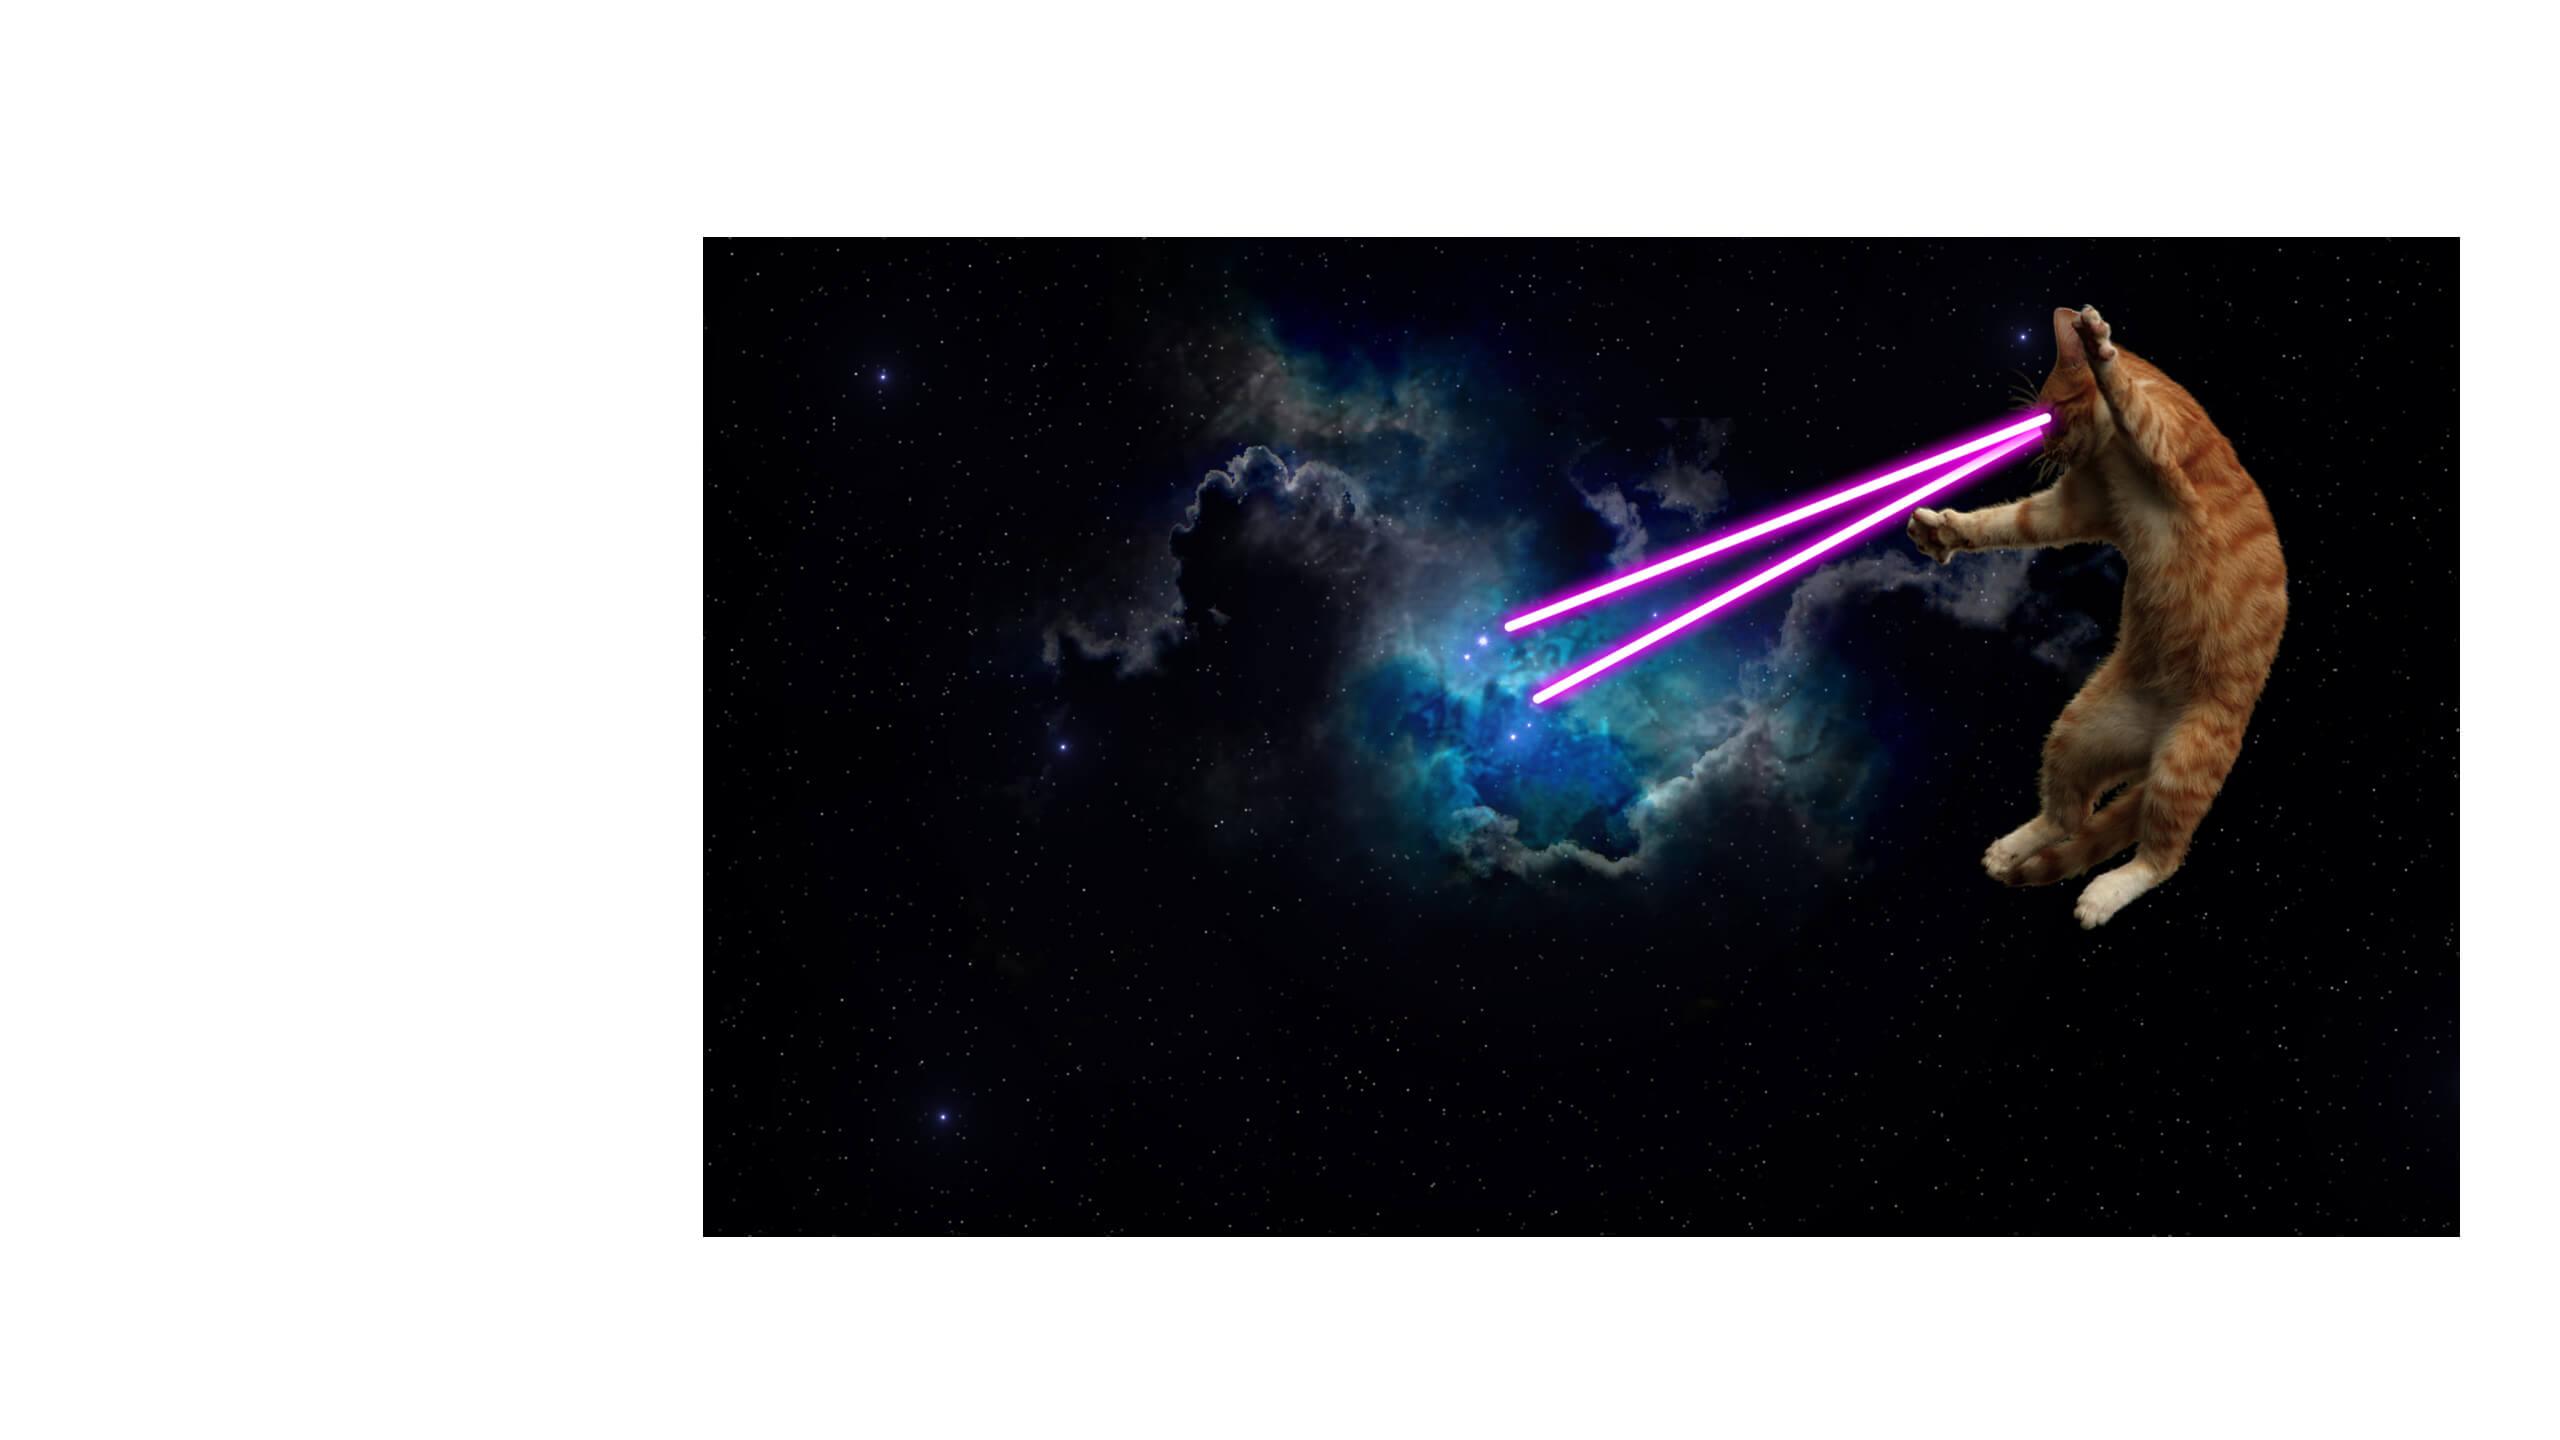 wirsindschoener_lasercat_1_2560x1440